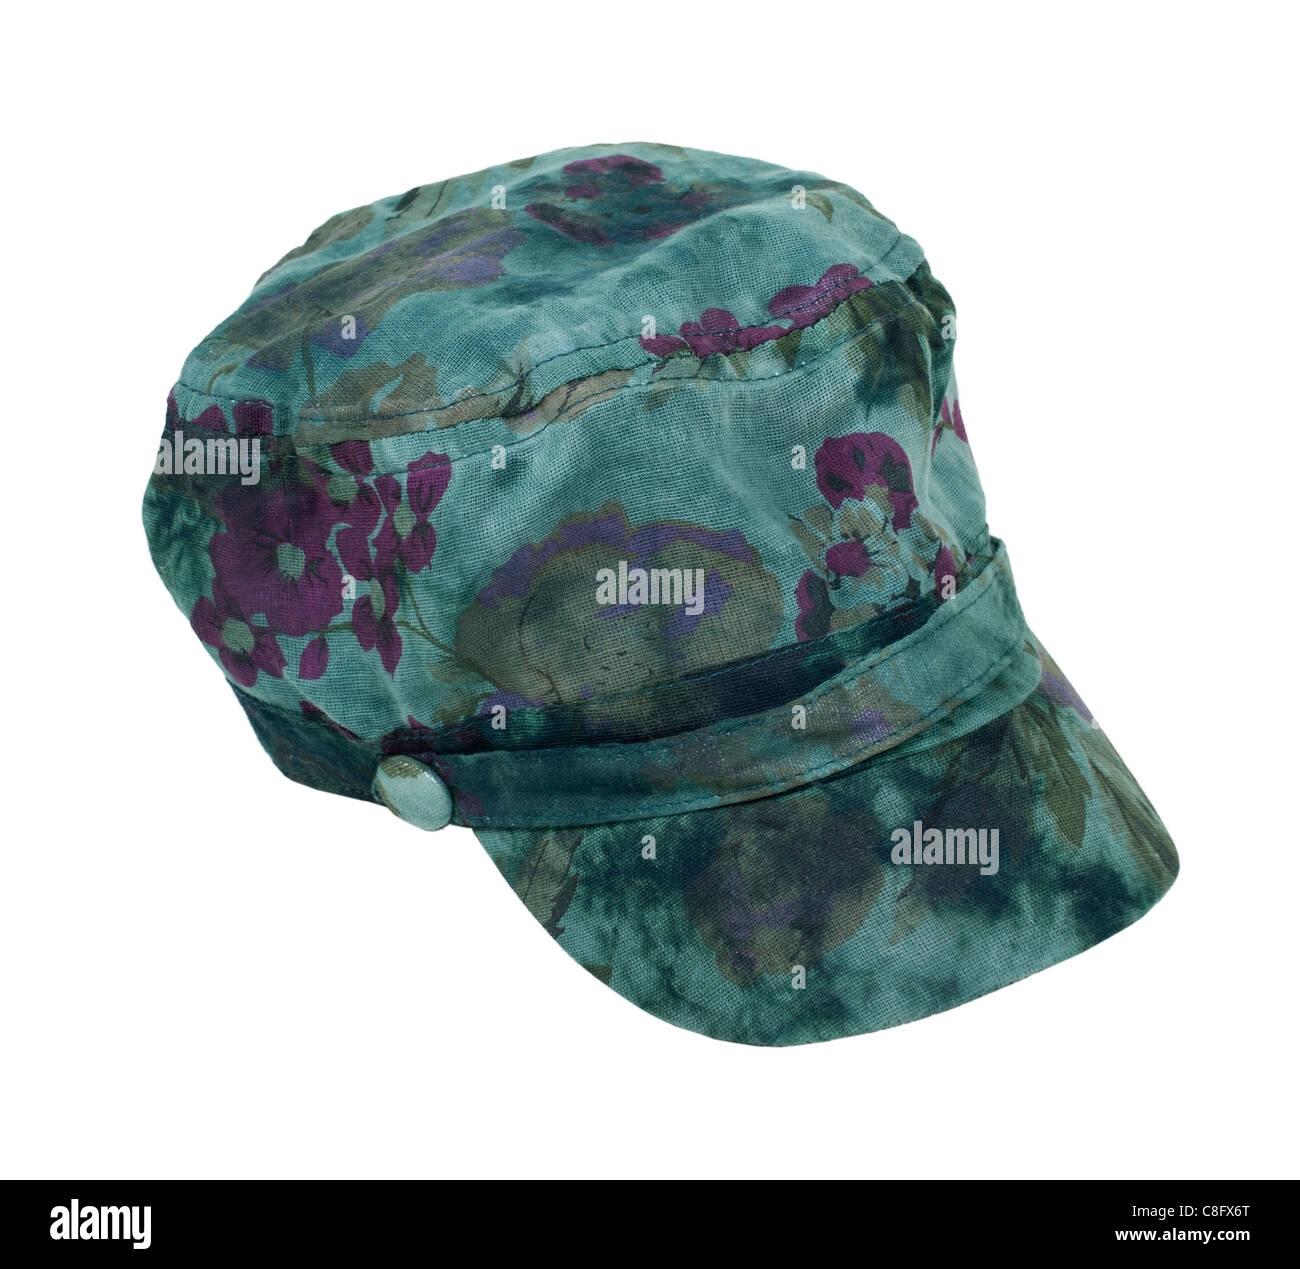 Eine dunkle grüne Krawatte Farbstoff Commando Hut für einen Hauch von Ironie - Pfad enthalten Stockbild